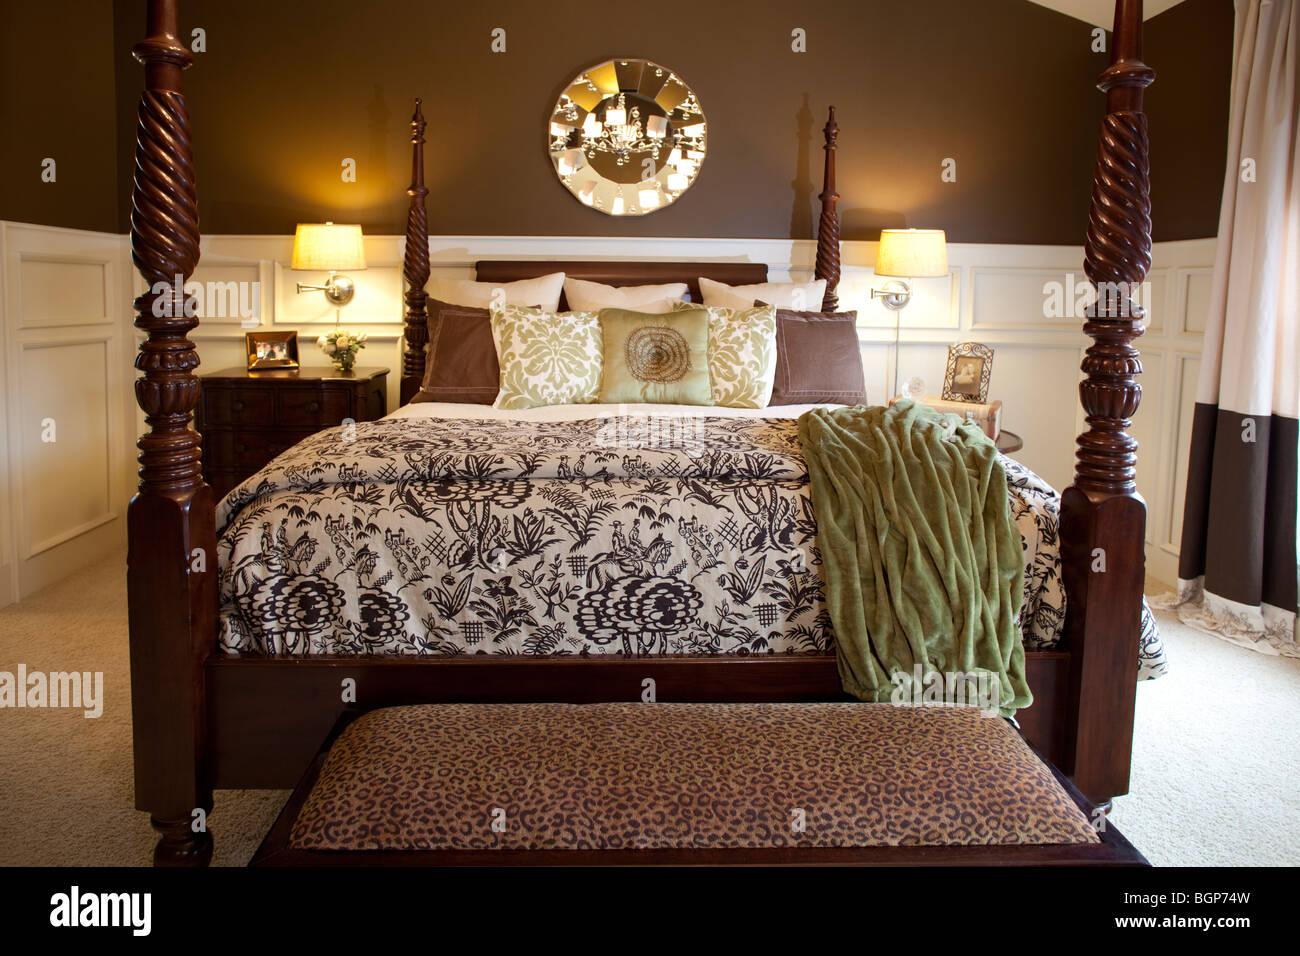 Four poster letto doppio king size nella camera da letto arredate in ...